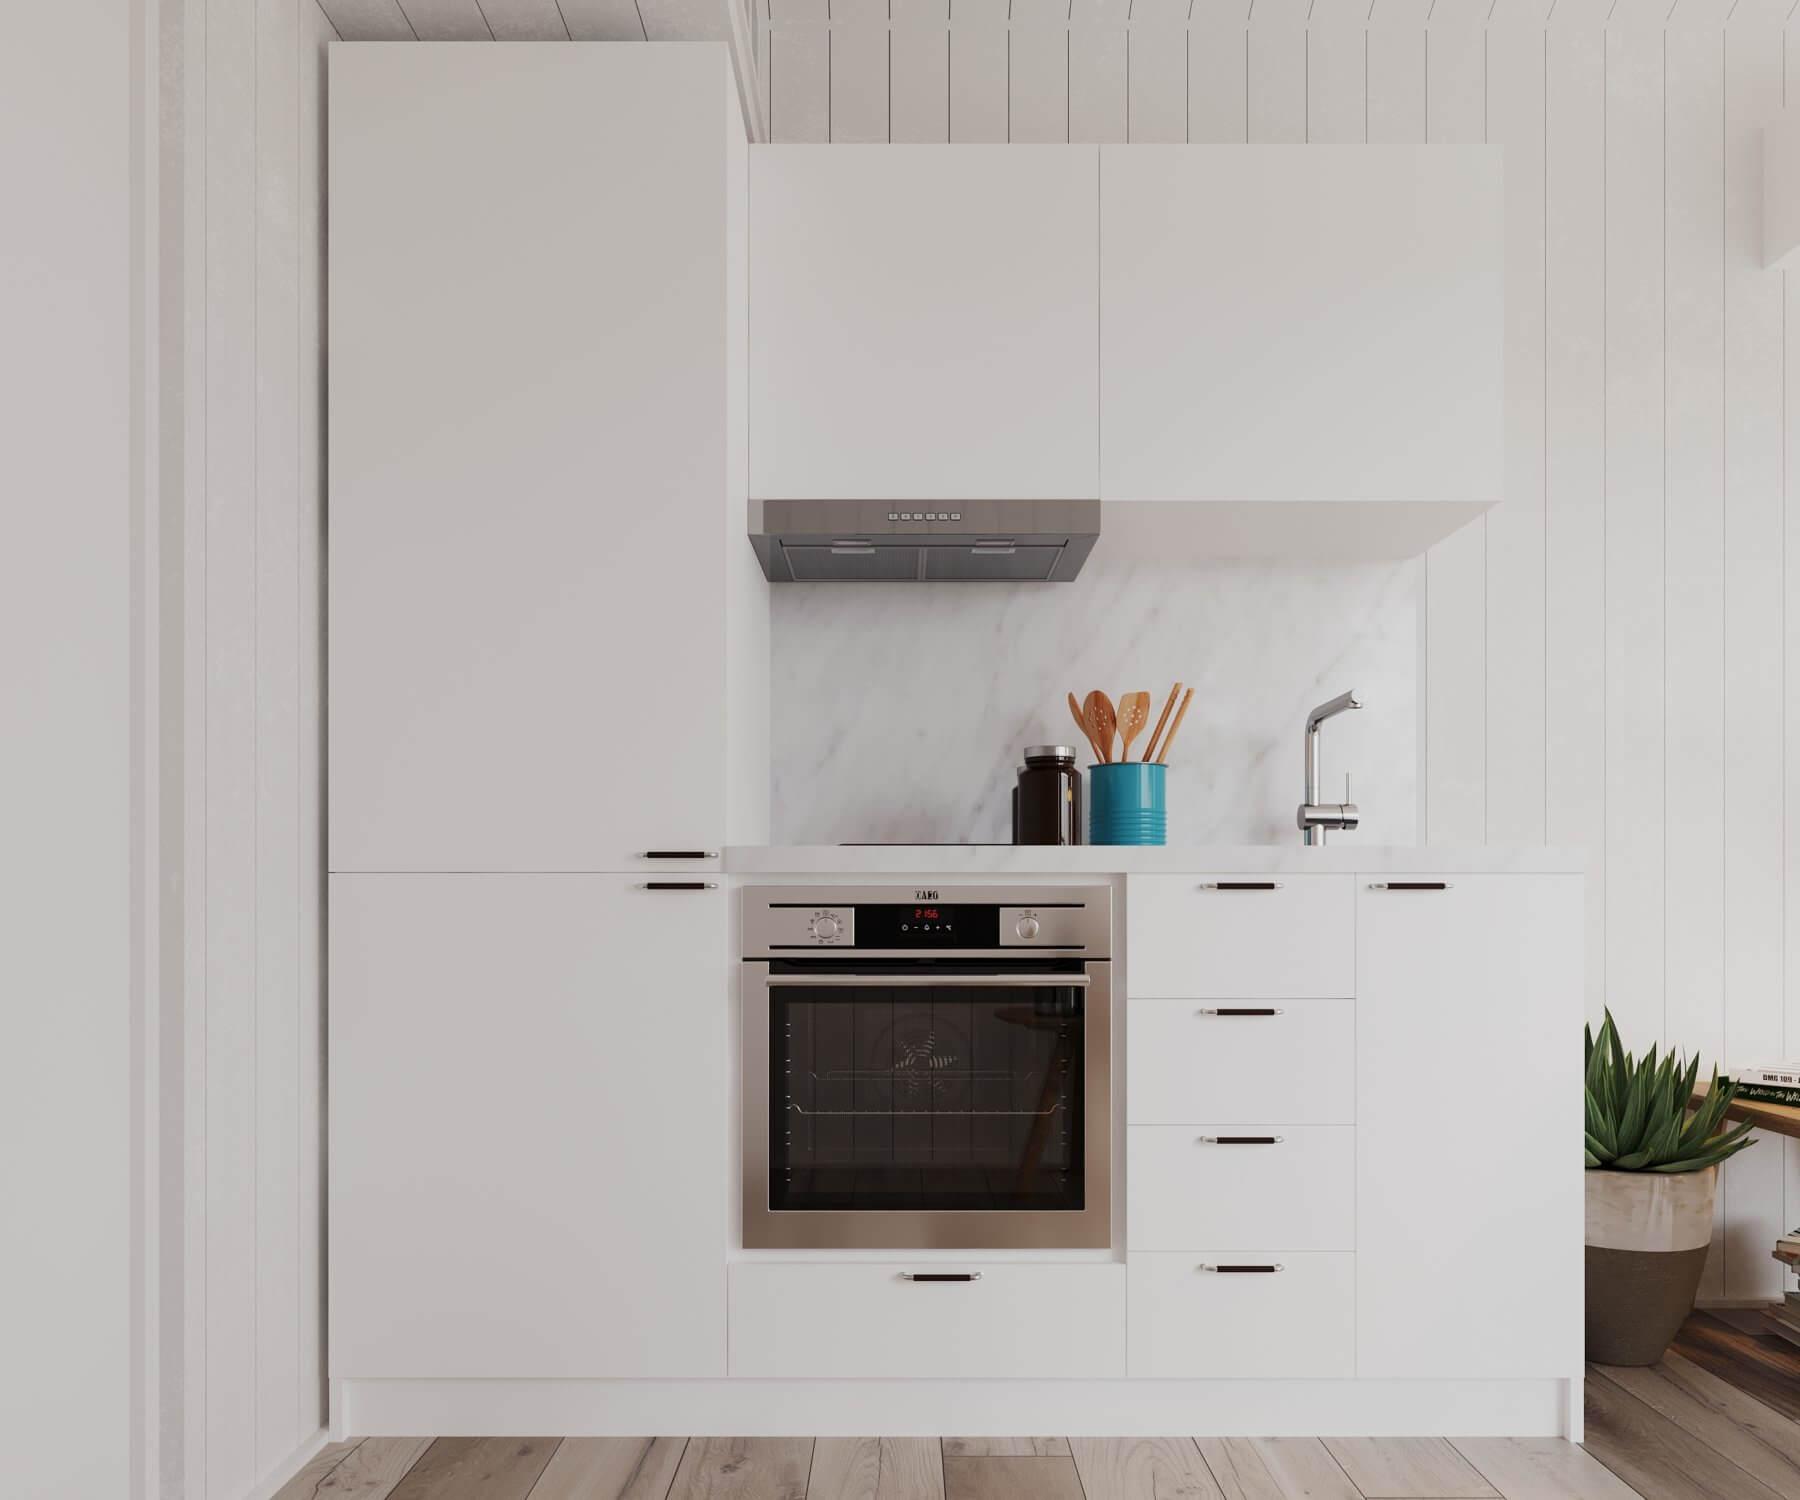 Kök med vita köksluckor, ugn, induktionshäll och blandare i attefallshus med rakt tak